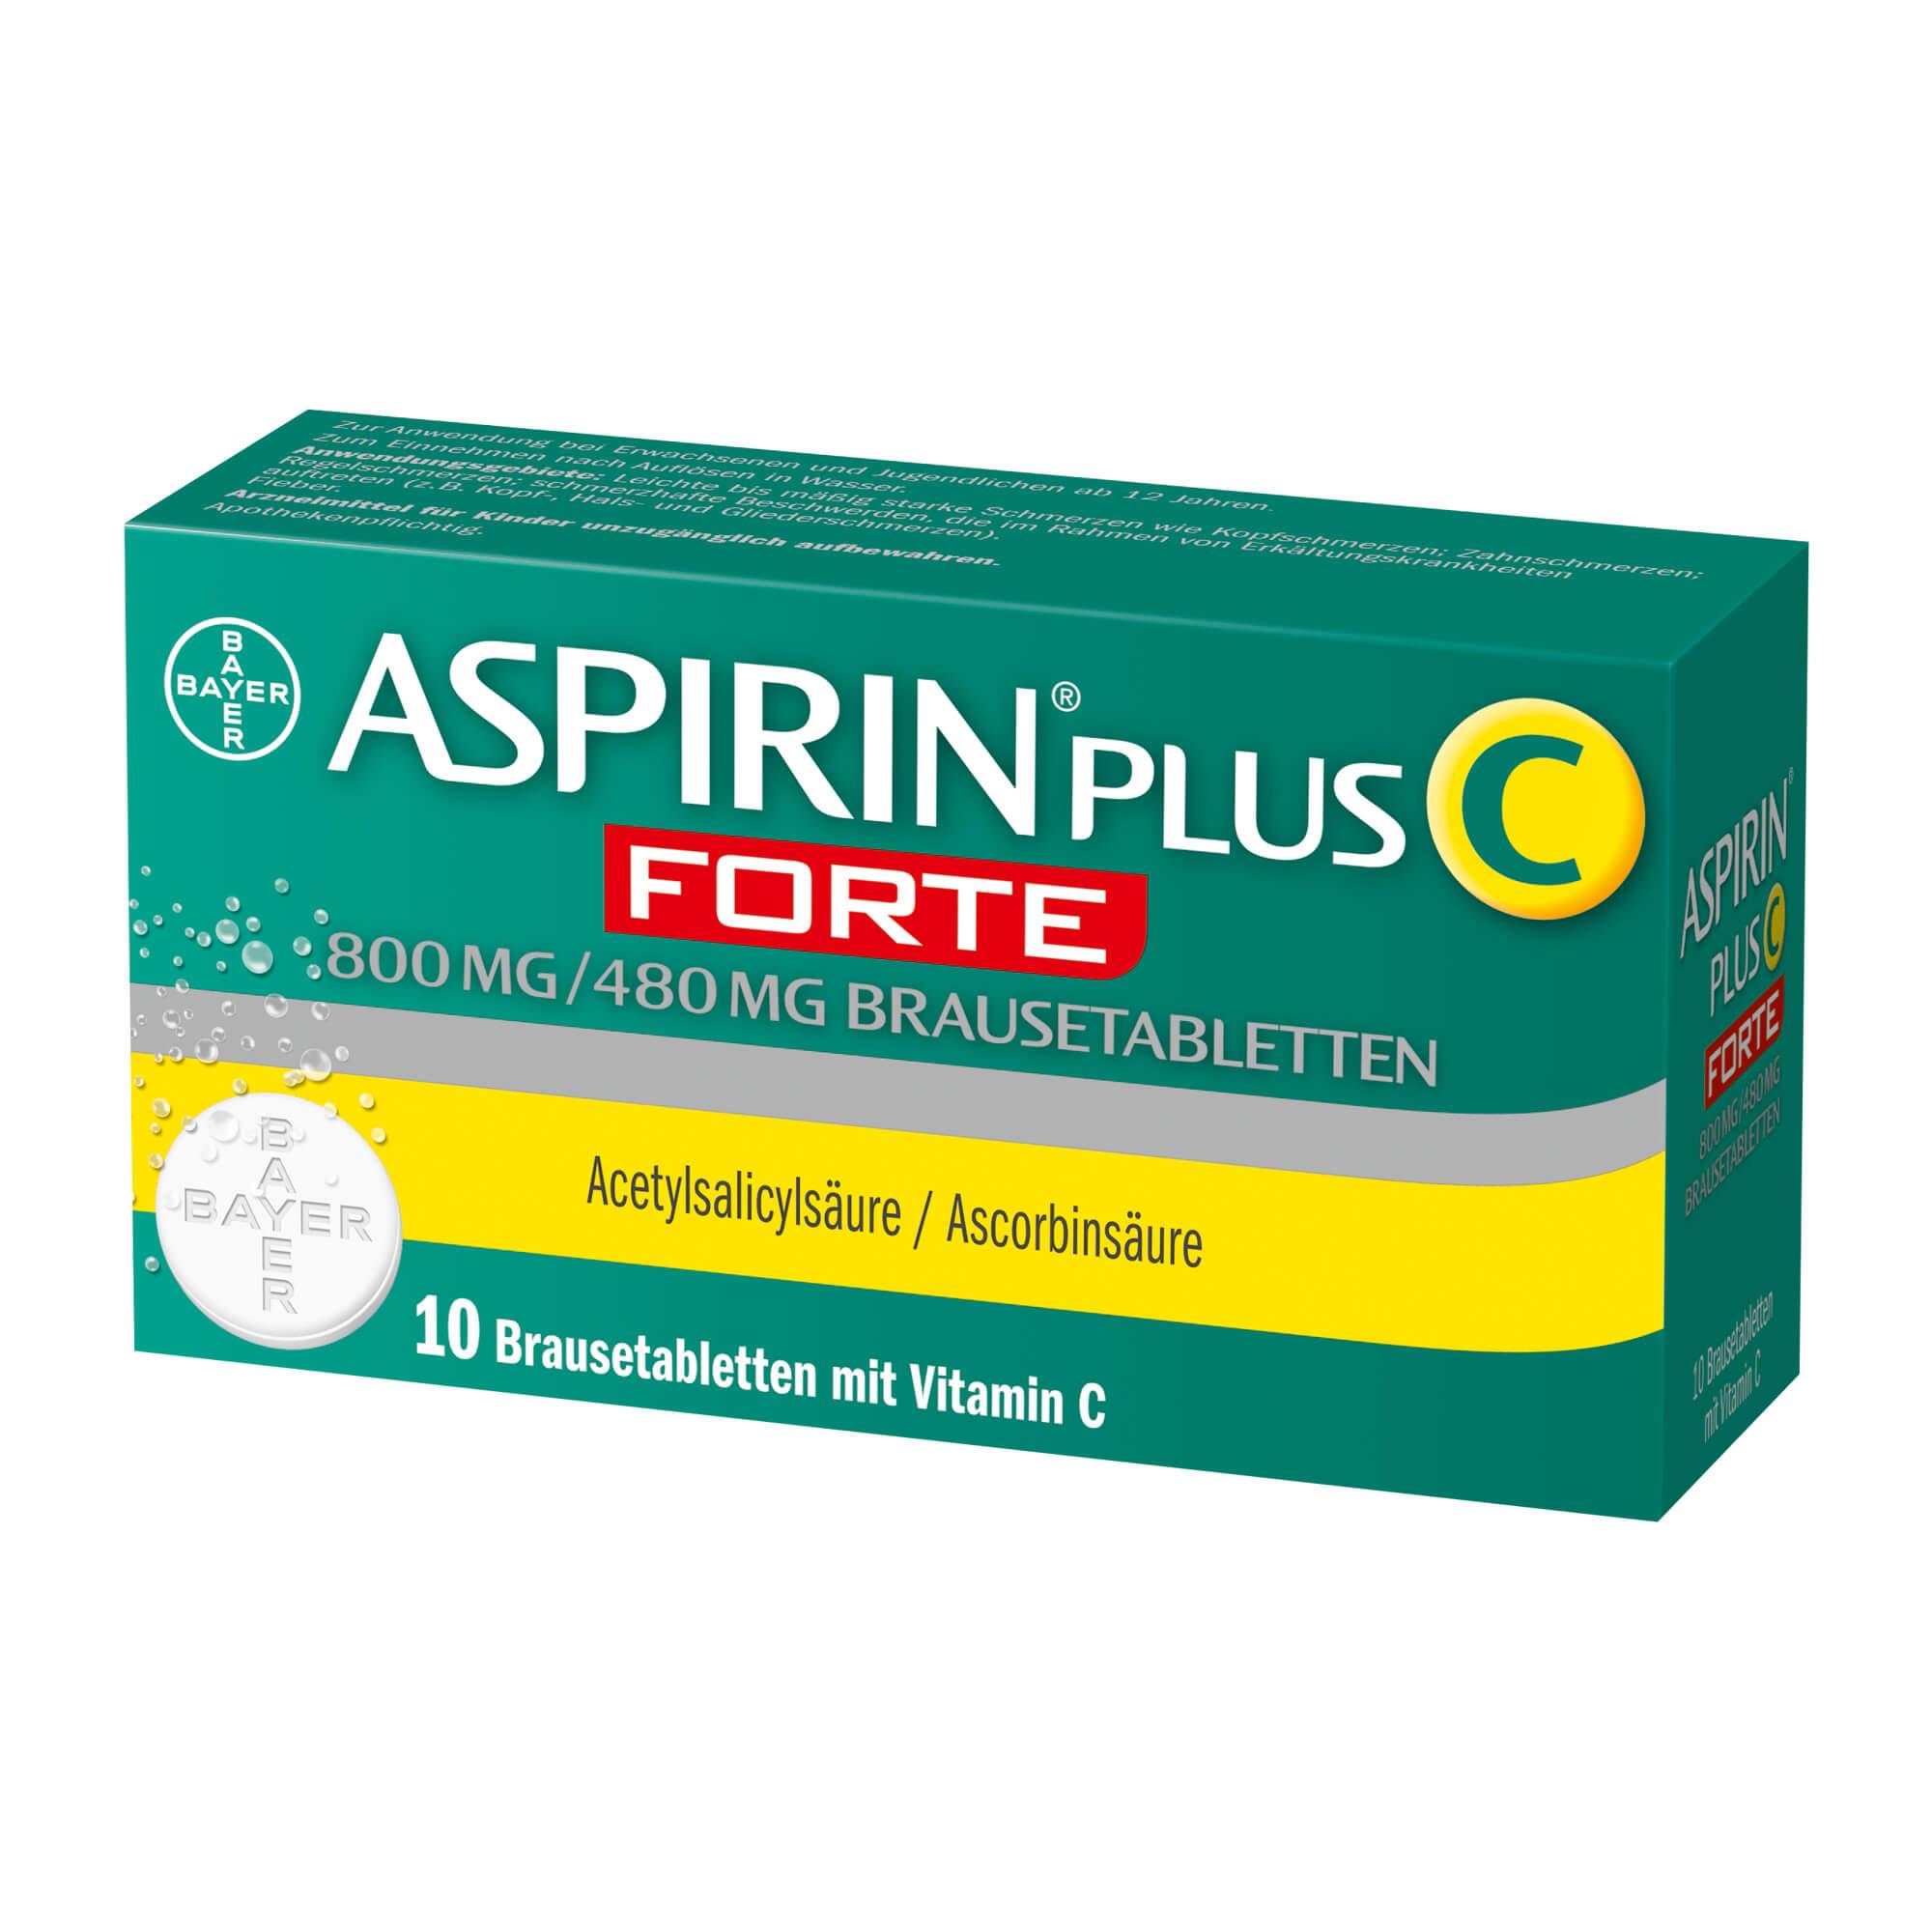 Aspirin Plus C Forte